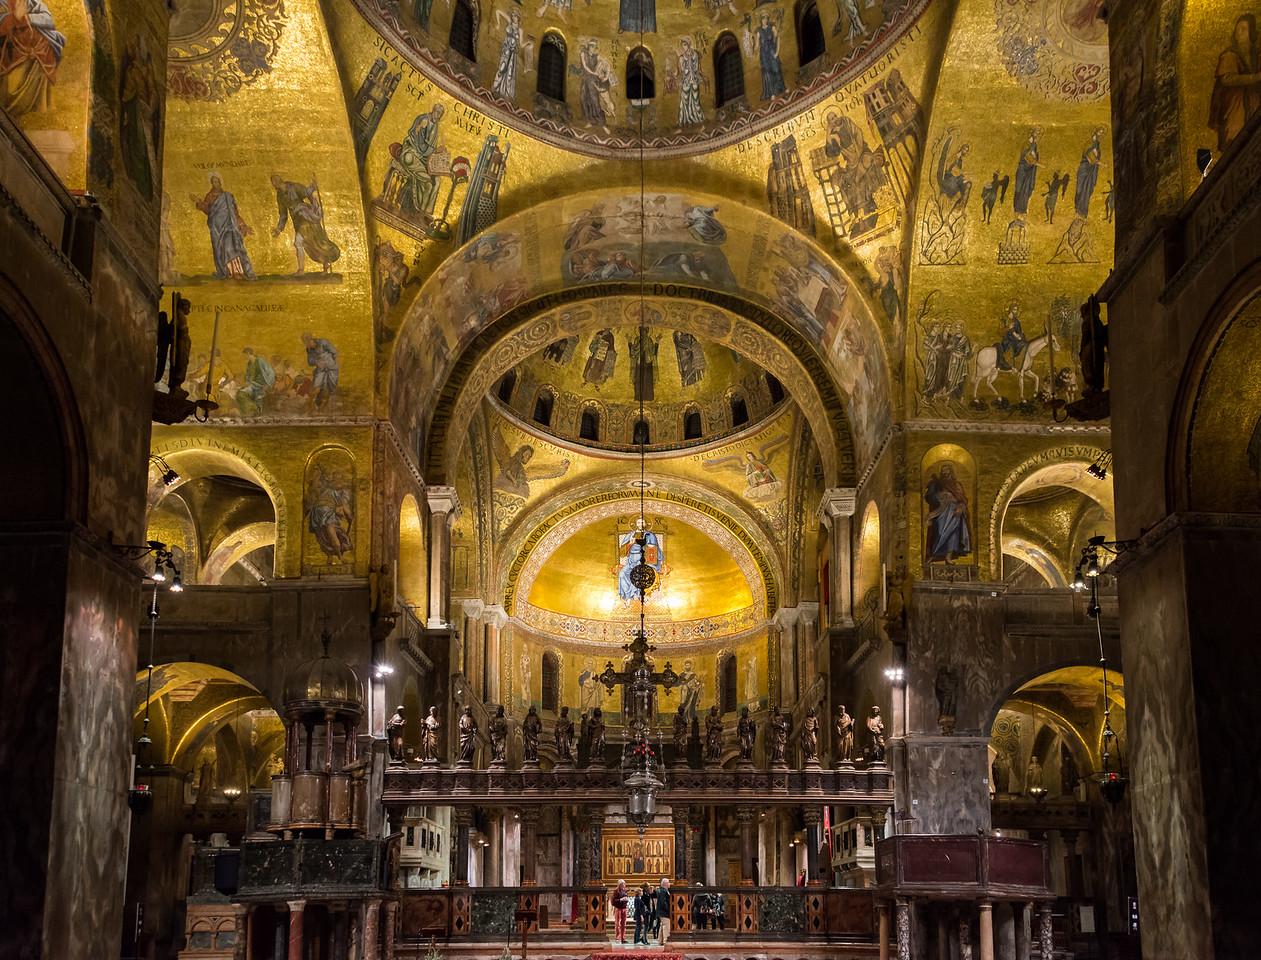 Inside San Marcos Basilica